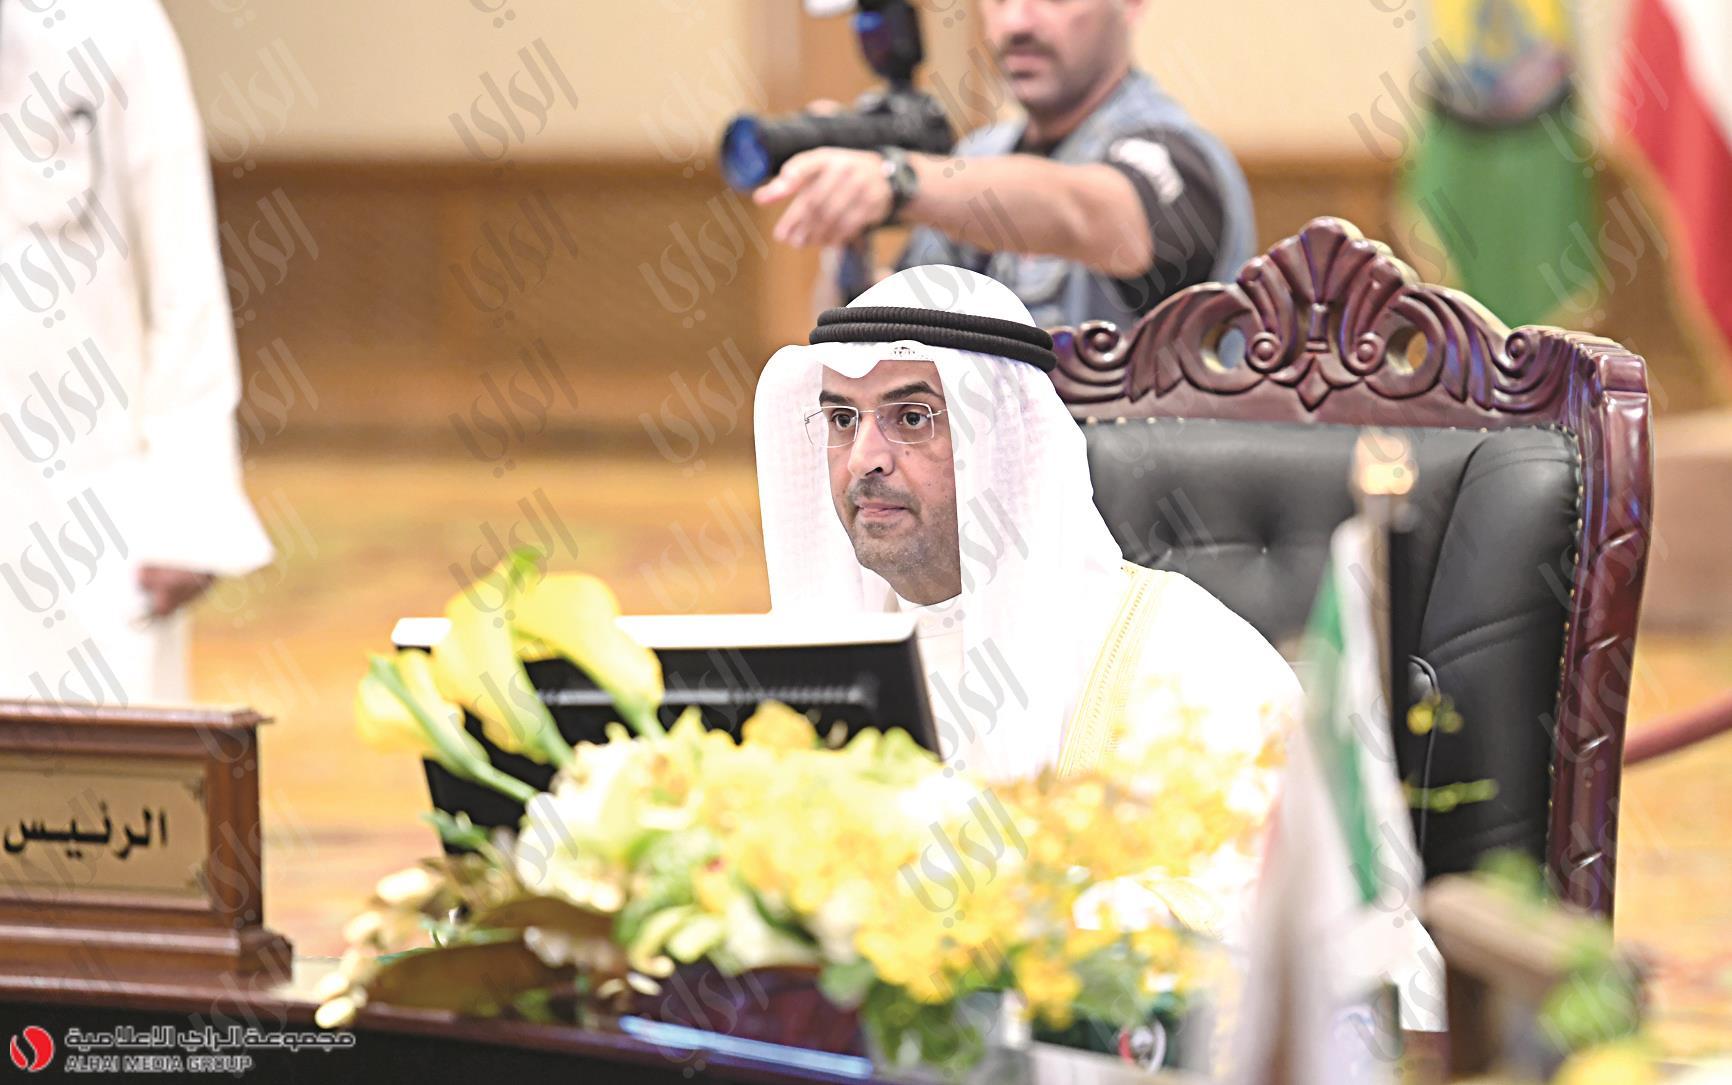 الحجرف: الحكومة خاطبت مجلس الأمة لاستعجال مناقشة الضريبة الانتقائية